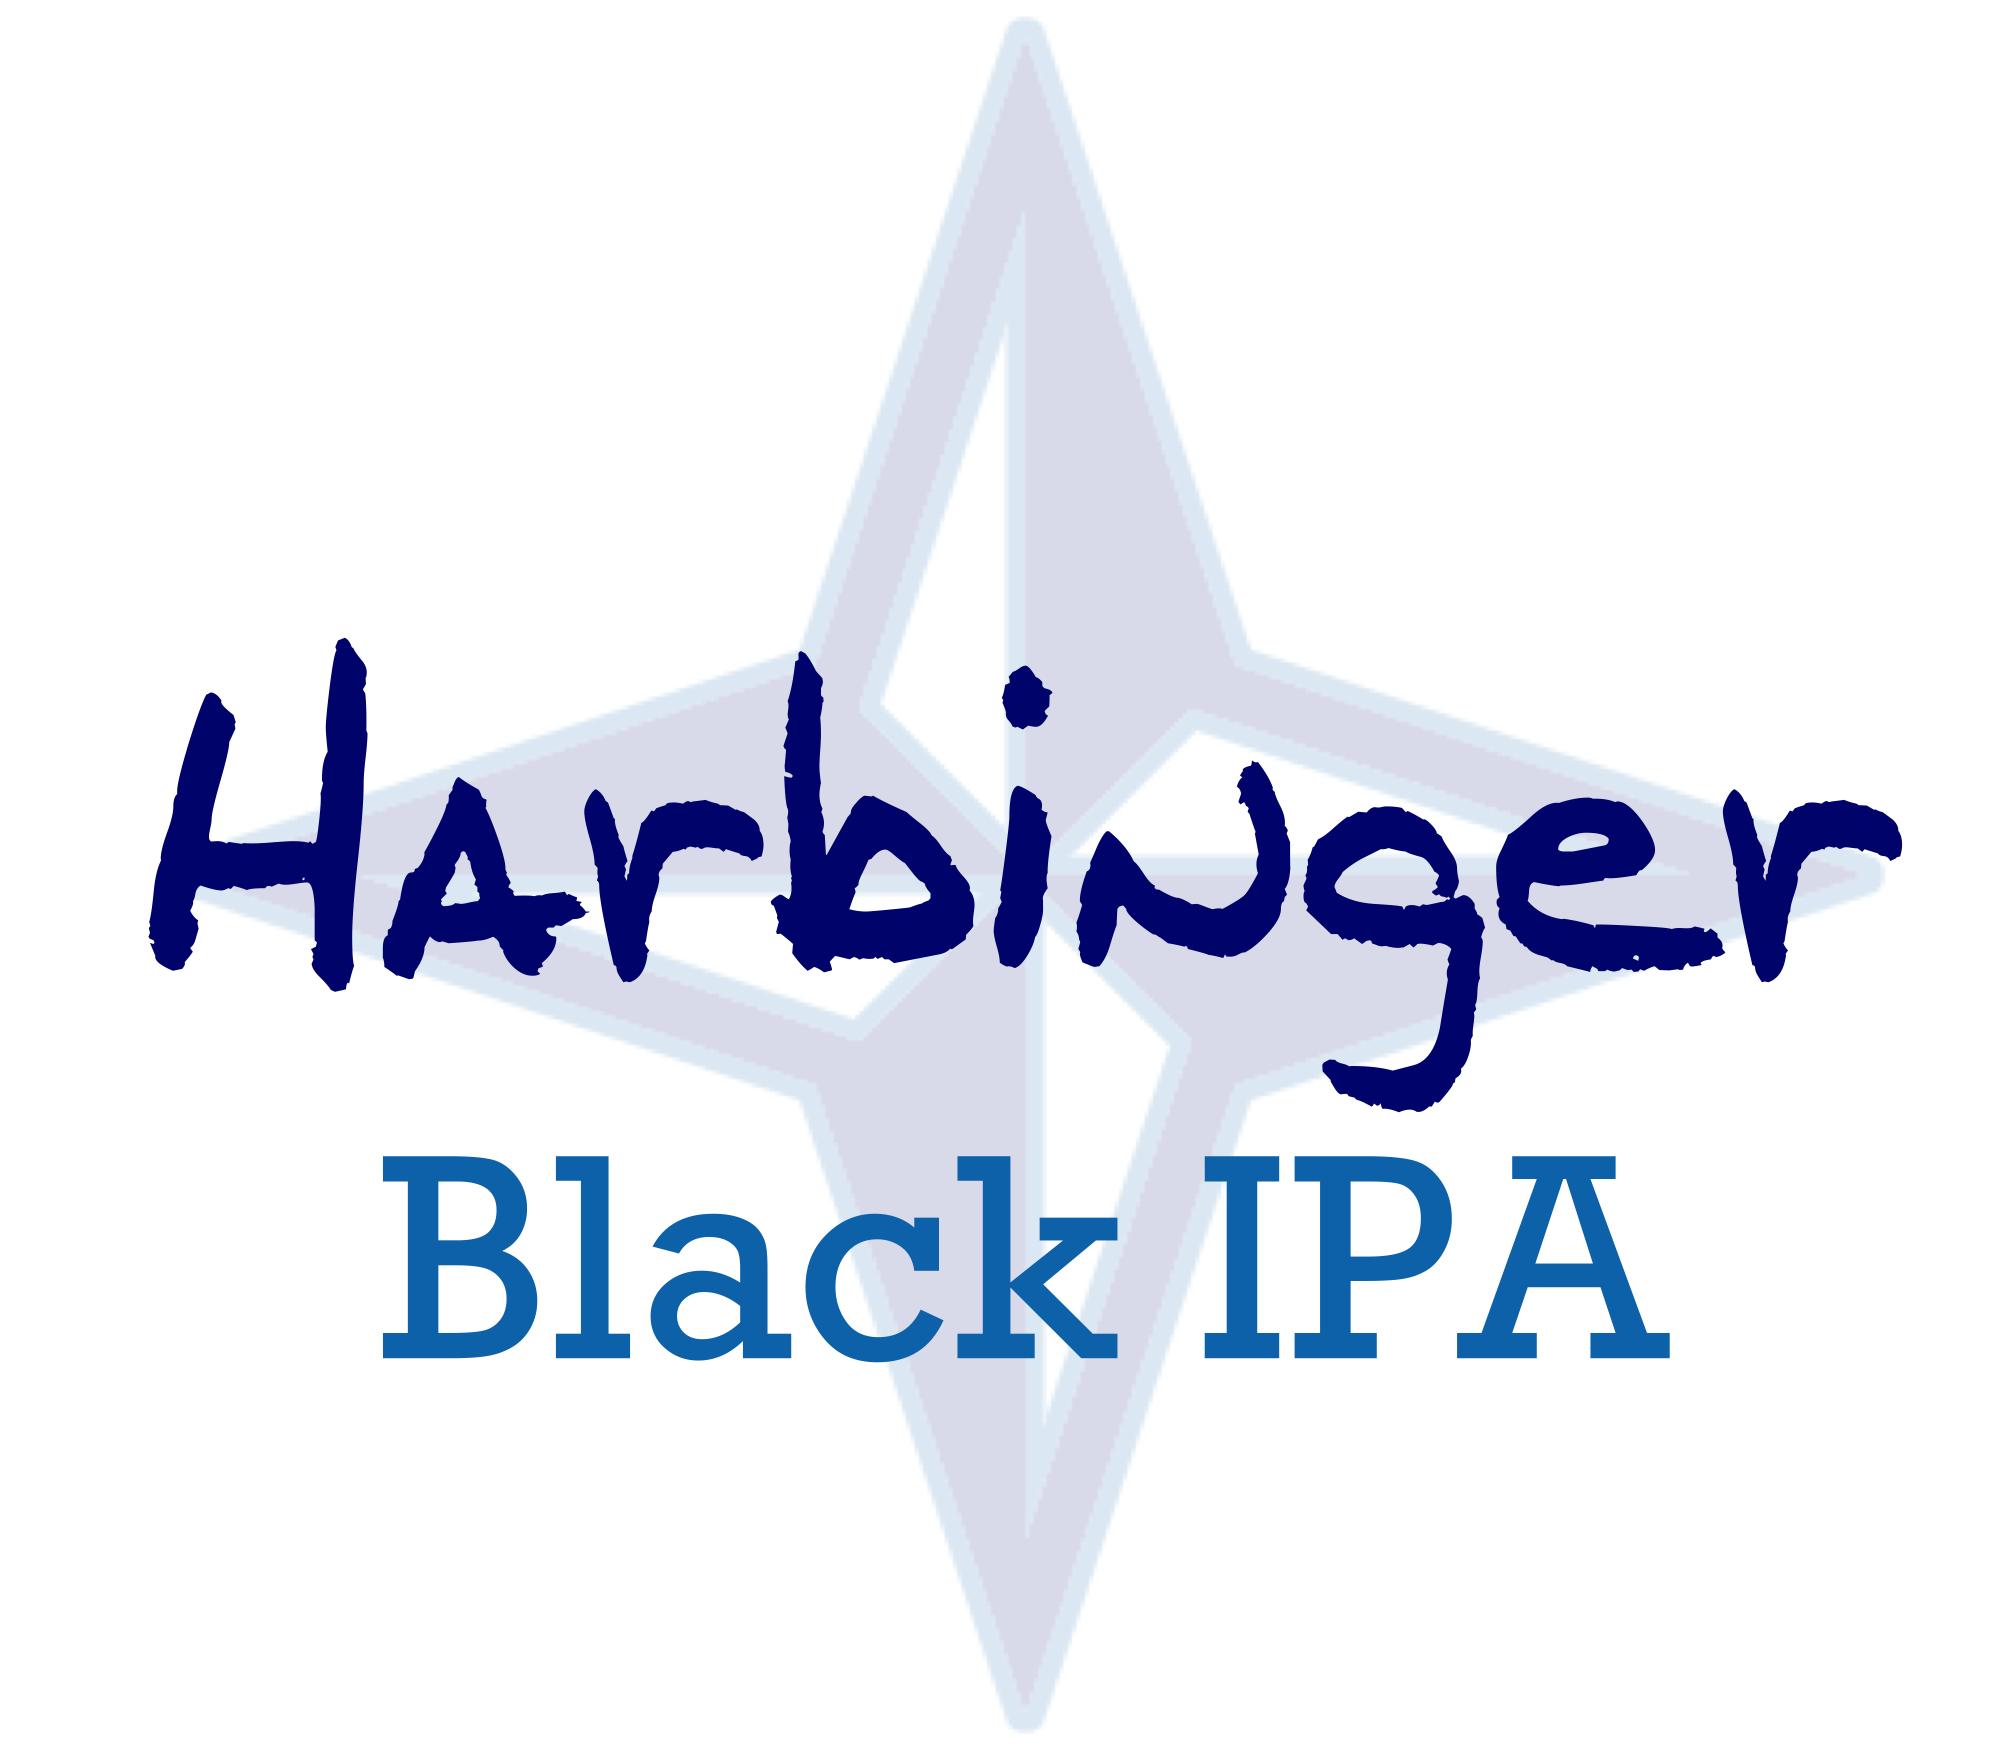 Harbinger   Black IPA  6.0% ABV  51 IBU